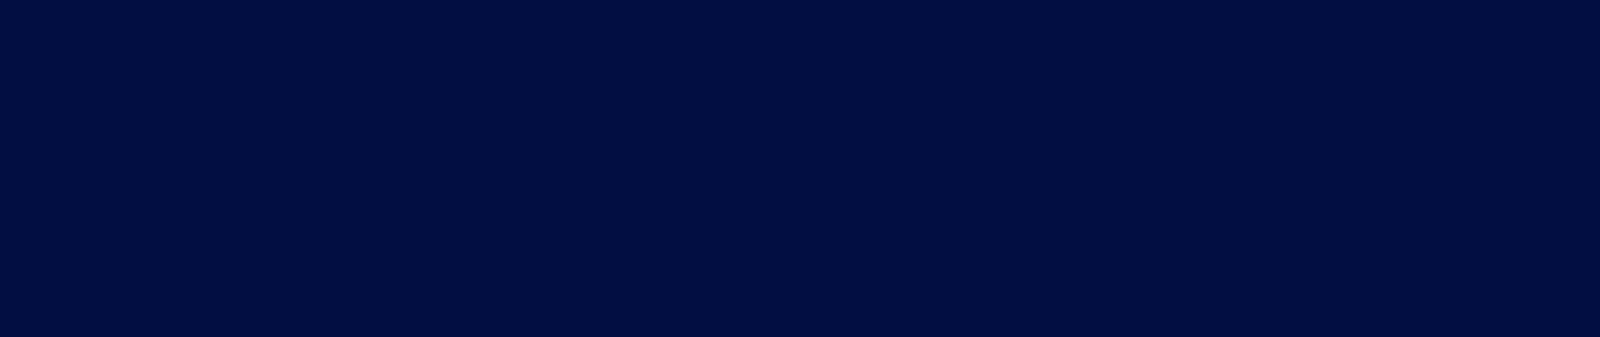 blue external push